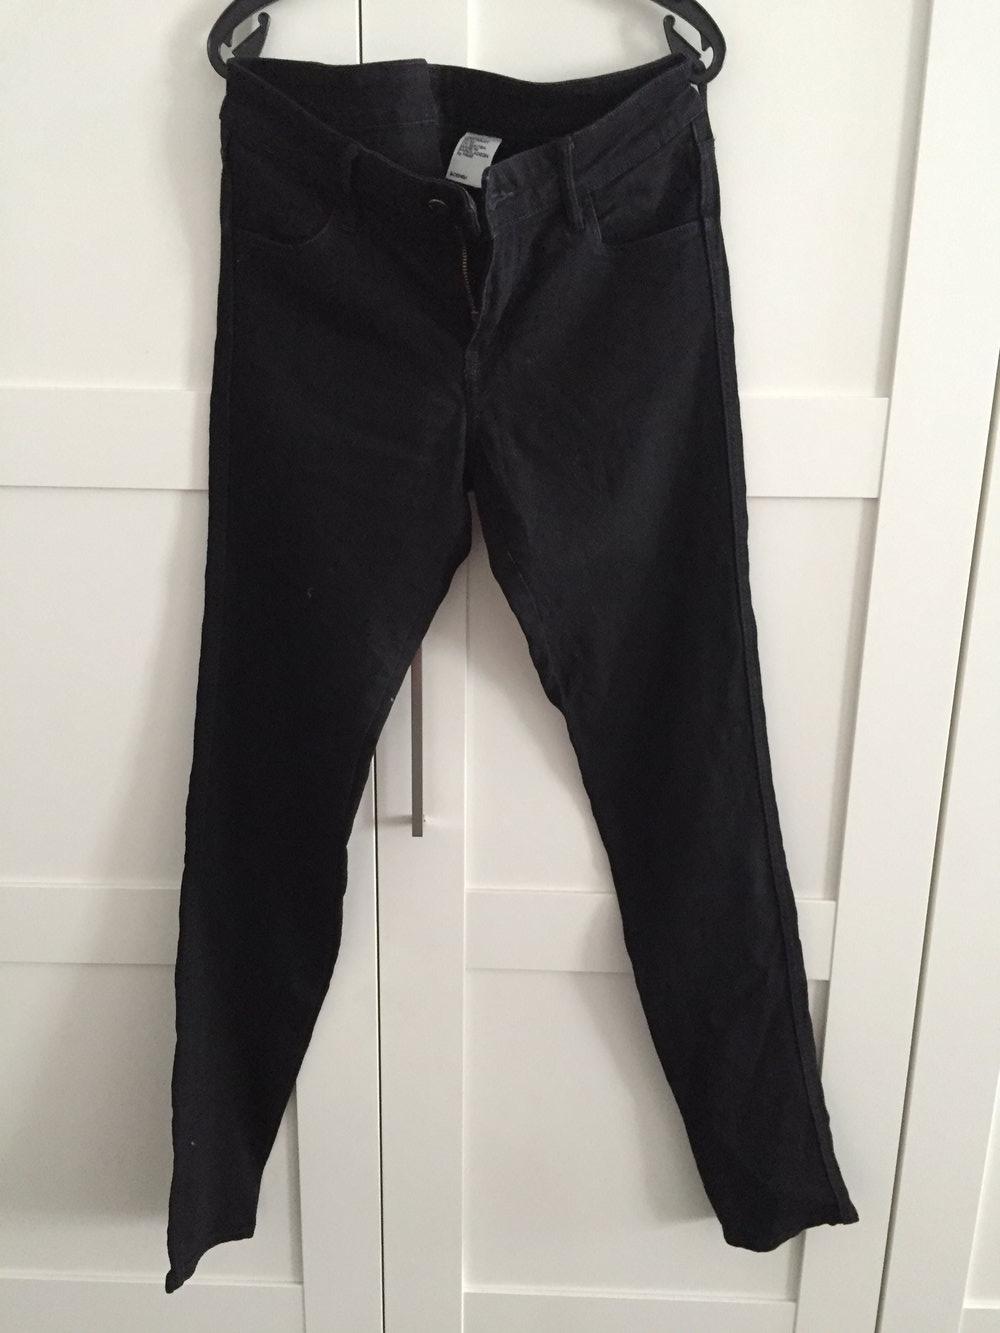 Weiße Skinny Low Waist Jeans von H&M Gr. 3132